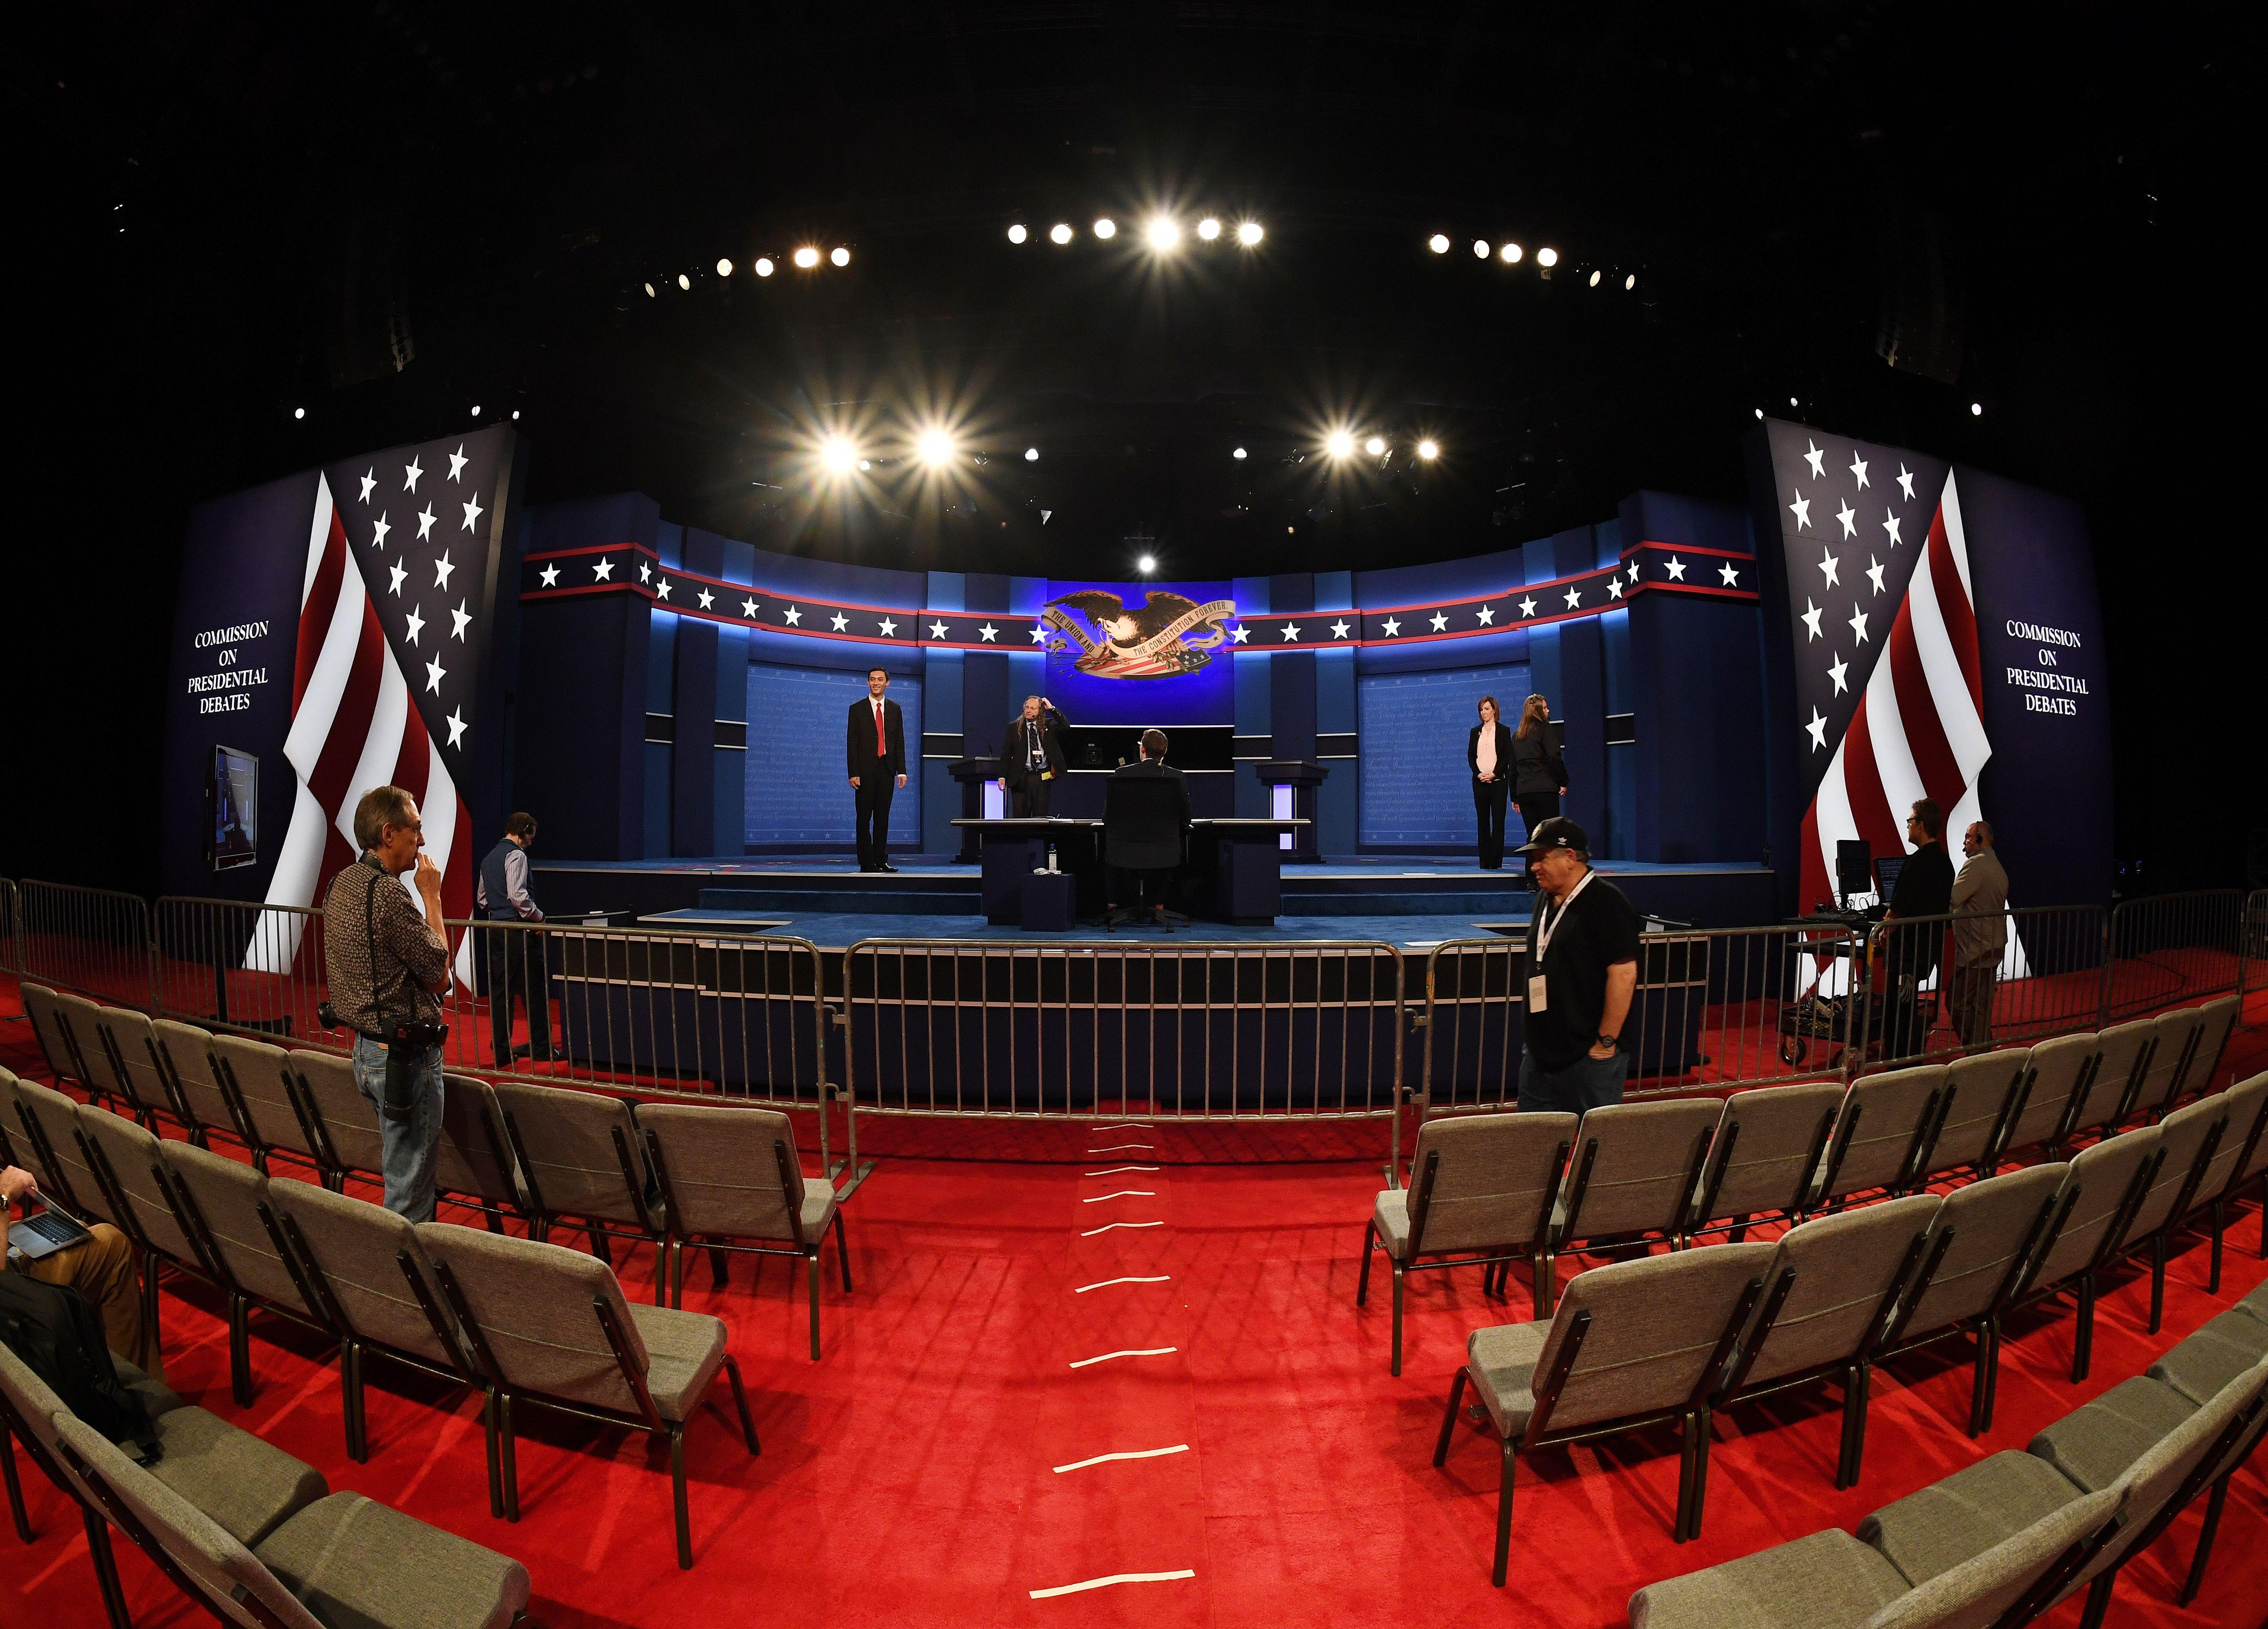 US-VOTE-DEBATE-PREPARATIONS